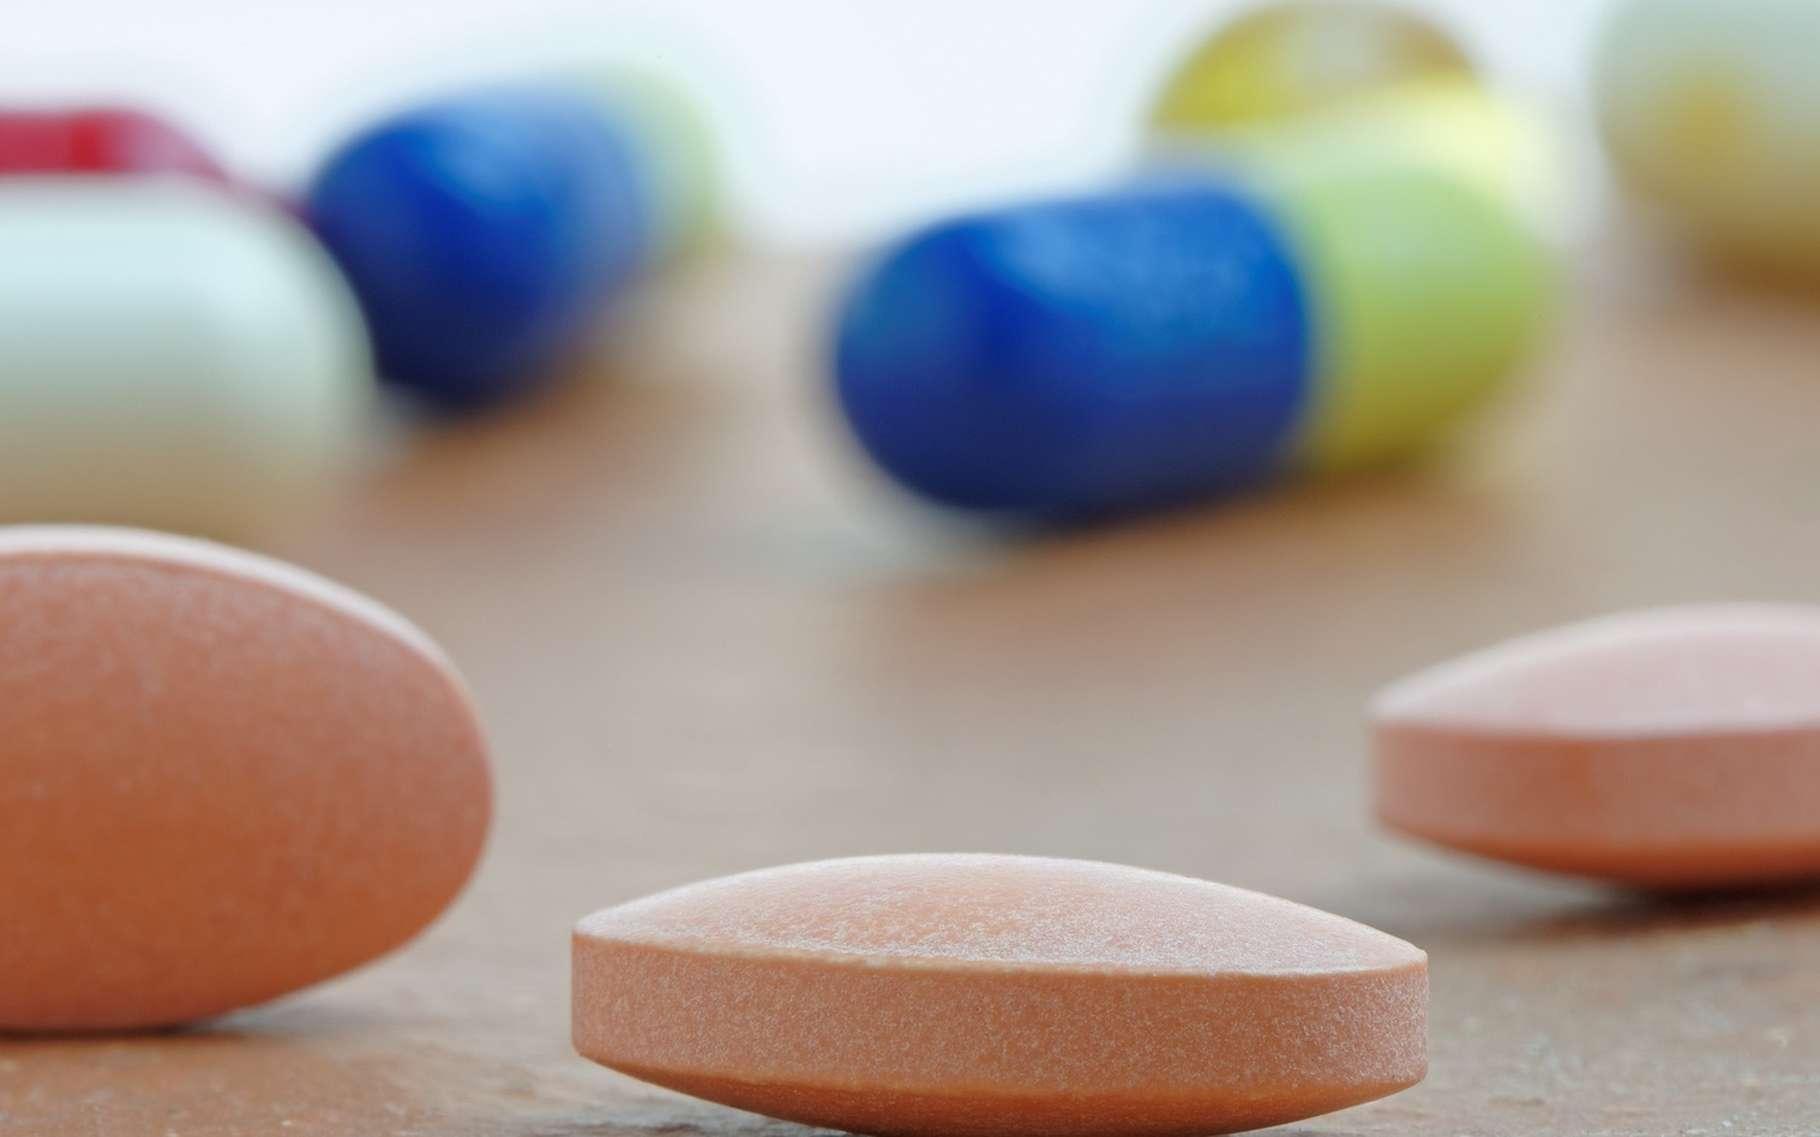 Les statines sont des médicaments anti-cholestérol proposés si les mesures sur l'hygiène de vie sont inefficaces. © roger ashford, Shutterstock